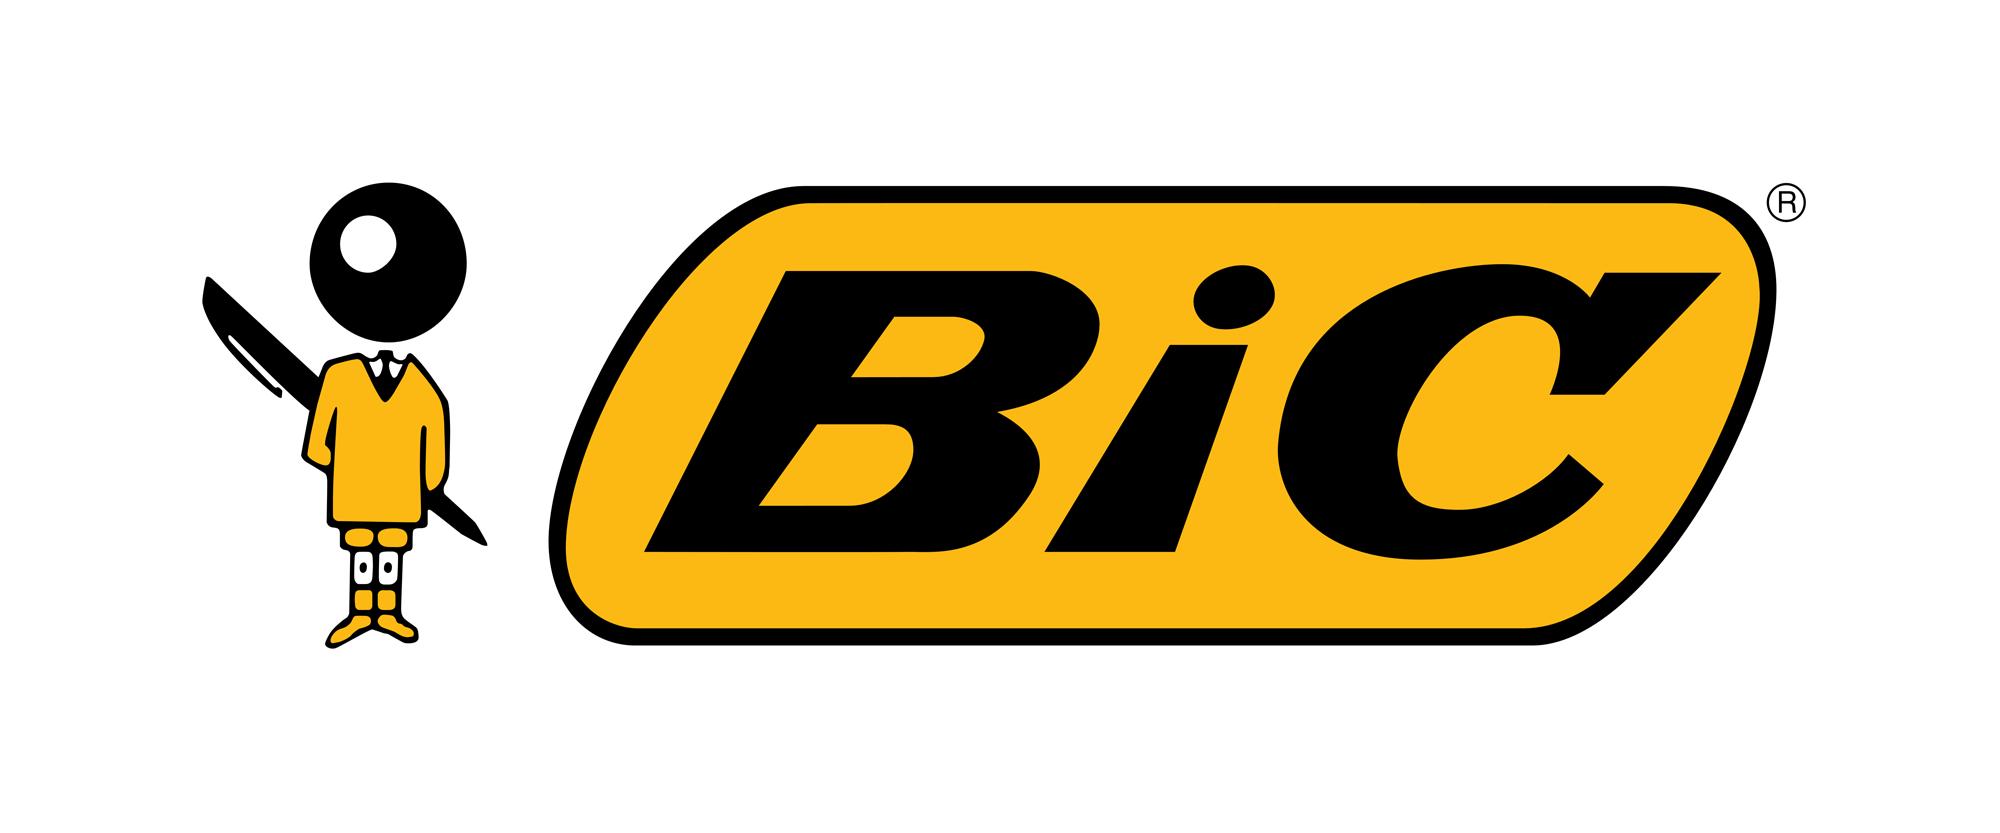 bic is leverancier van pennen, potloden en andere schrijfwaren